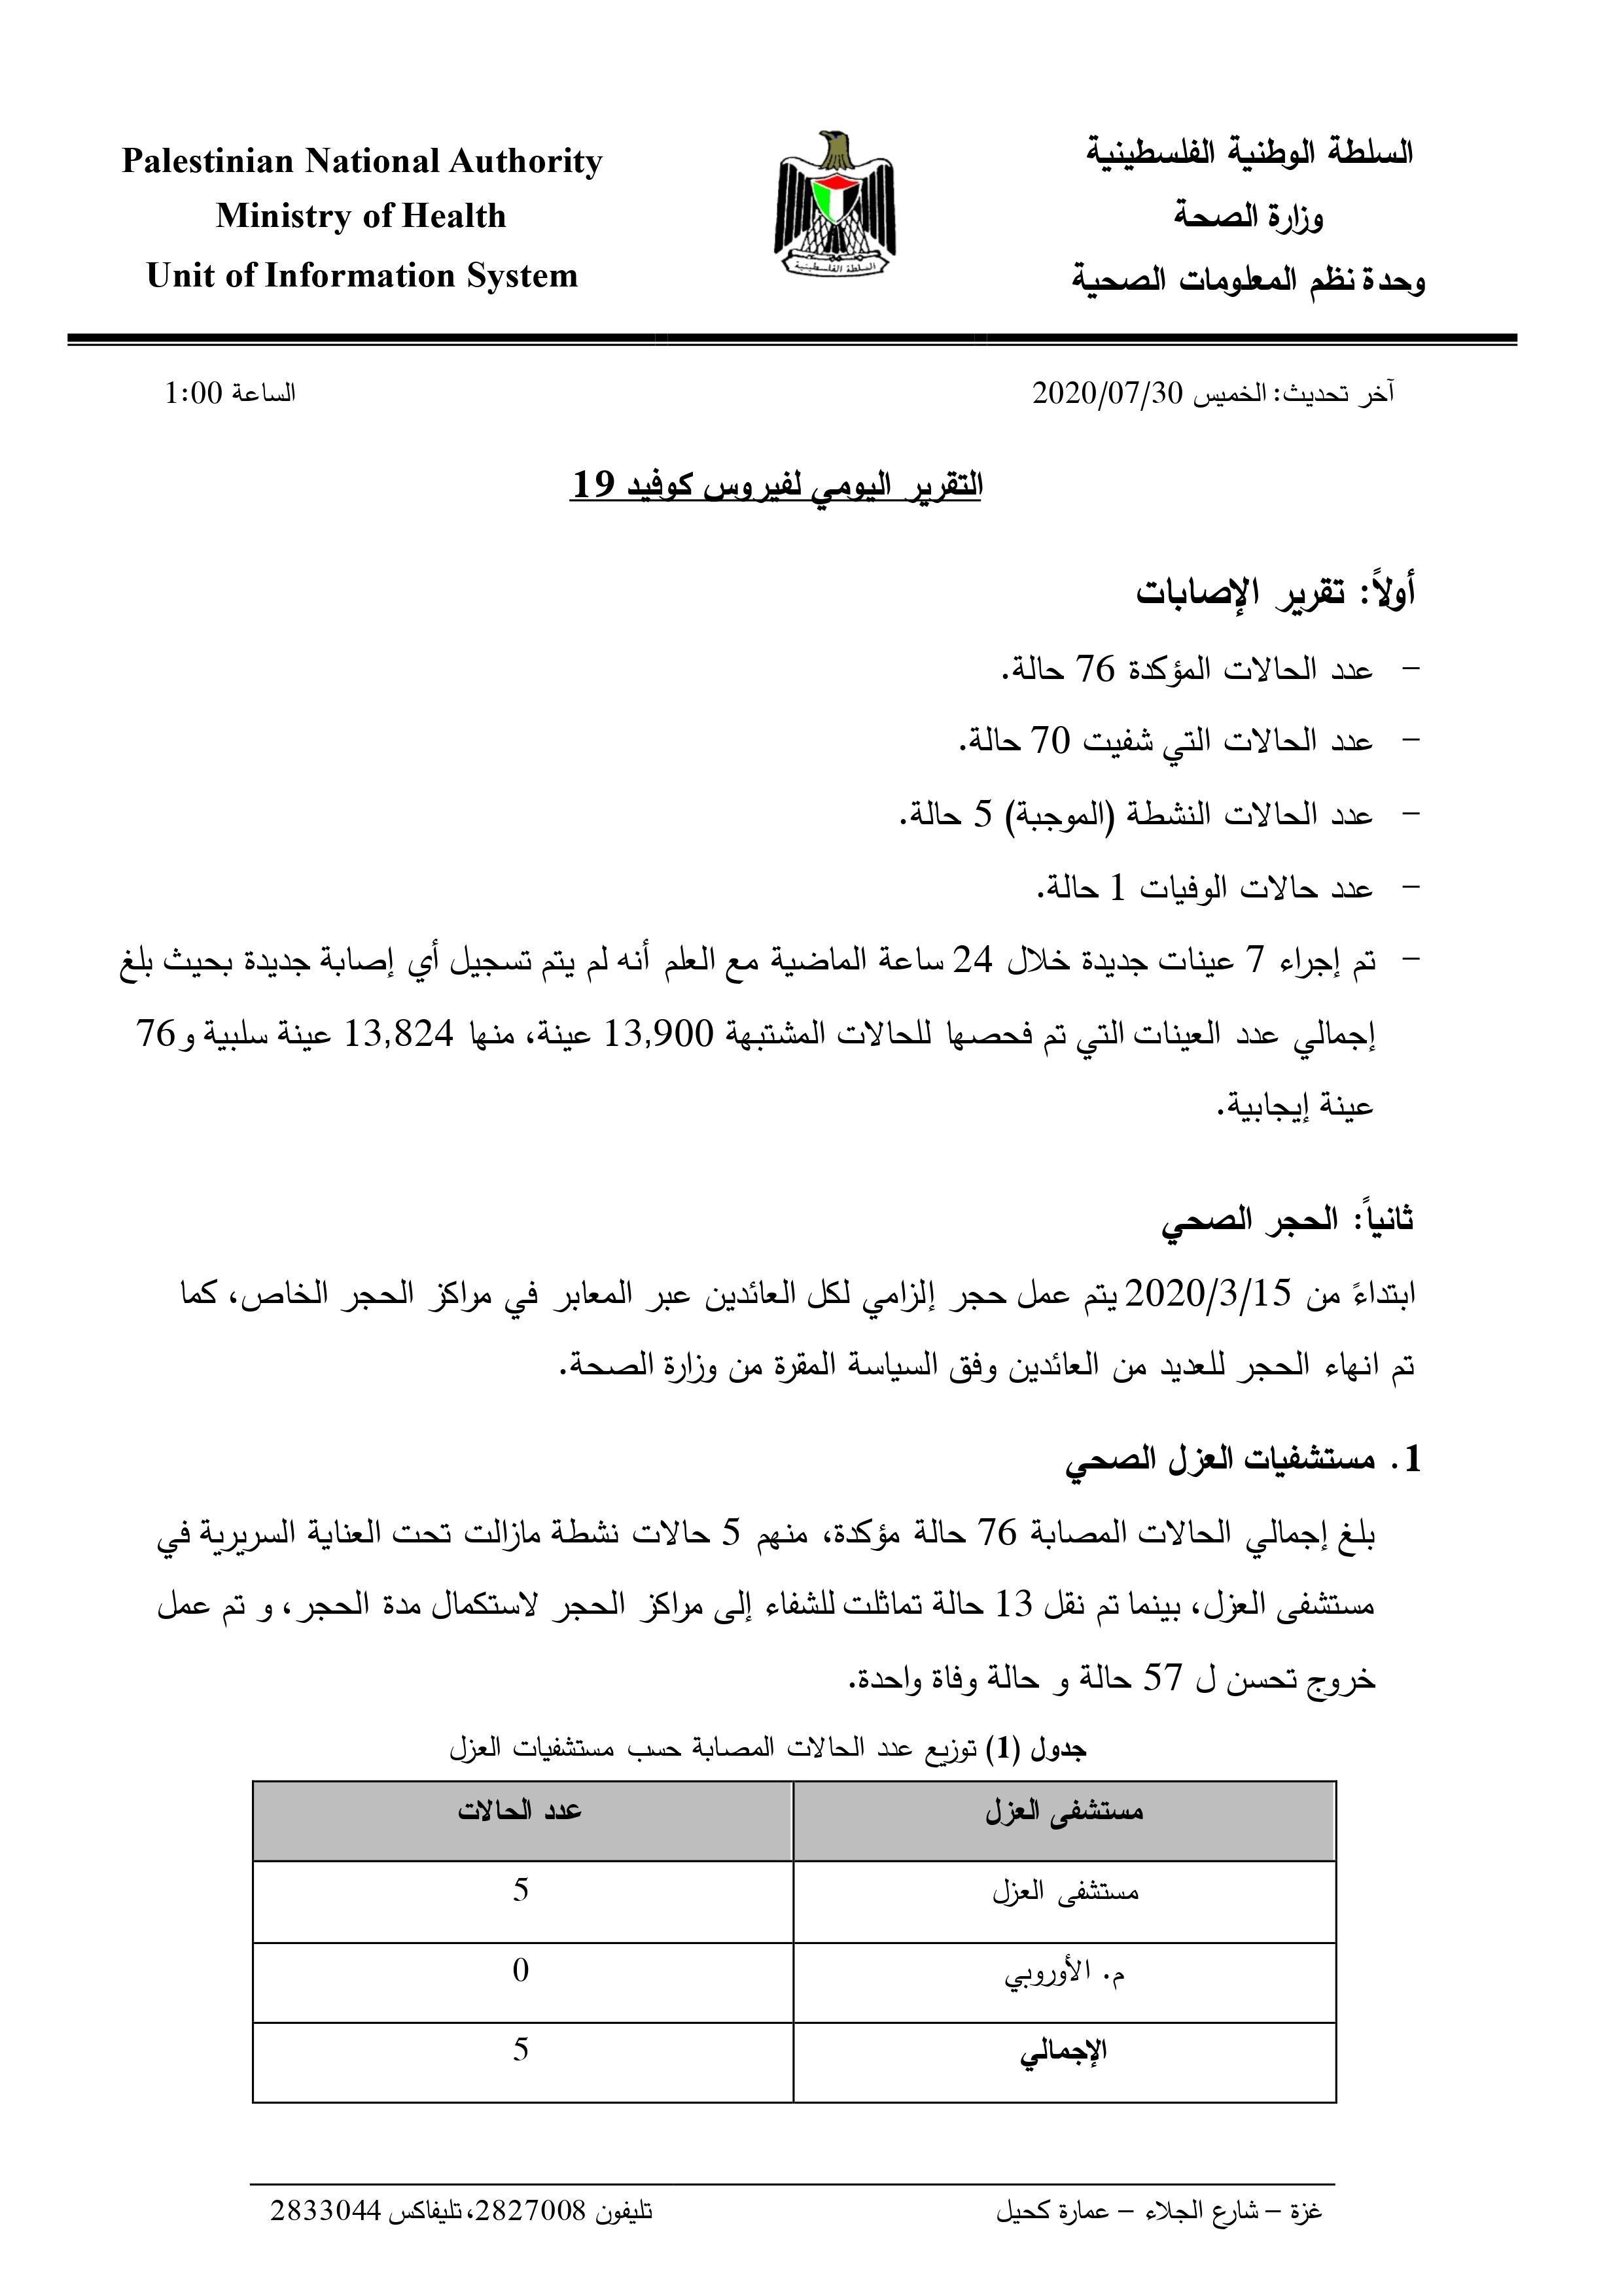 الصحة بغزة تُصدر التقرير اليومي حول آخر مستجدات فيروس كورونا